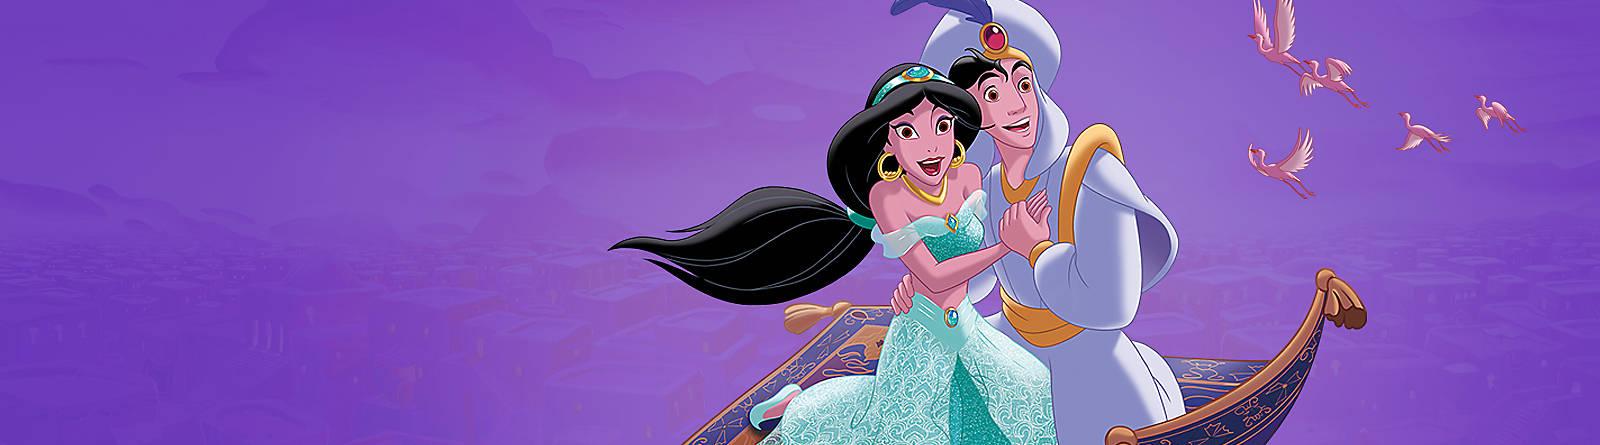 Aladdin Sali sul tappeto volante assieme ad Aladdin e vieni a scoprire una magica linea dedicata a lui che include peluche, oggetti da collezione originali, capi di abbigliamento e molto altro ancora targato Disney